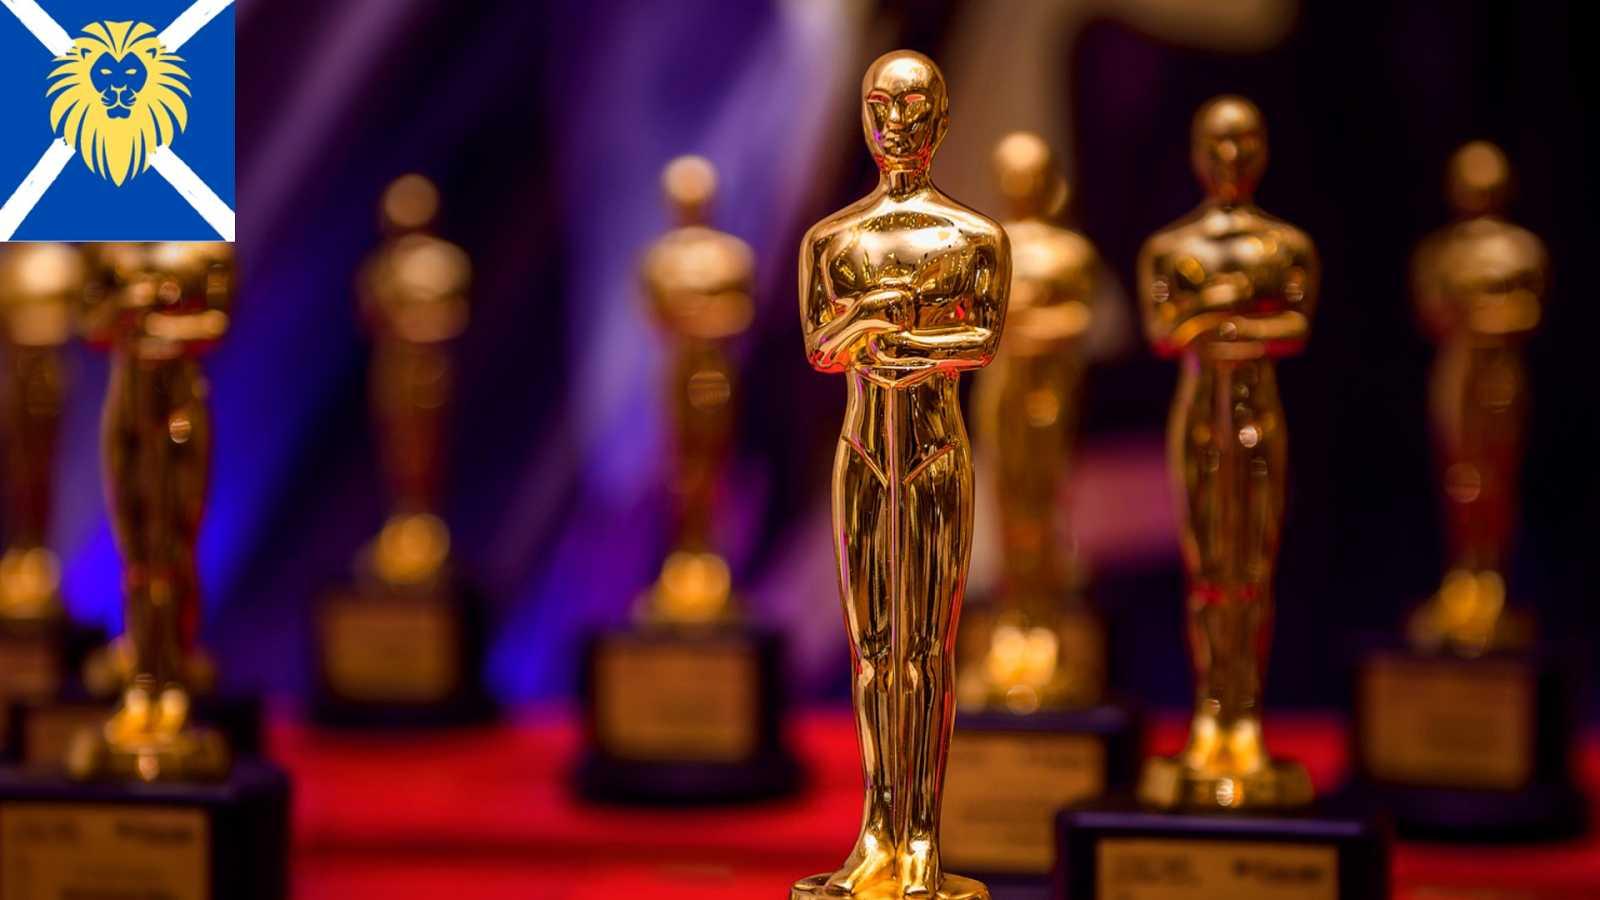 No hay leones en Escocia - Largos apuntes sobre los premios de cine - 23/07/21 - Escuchar ahora